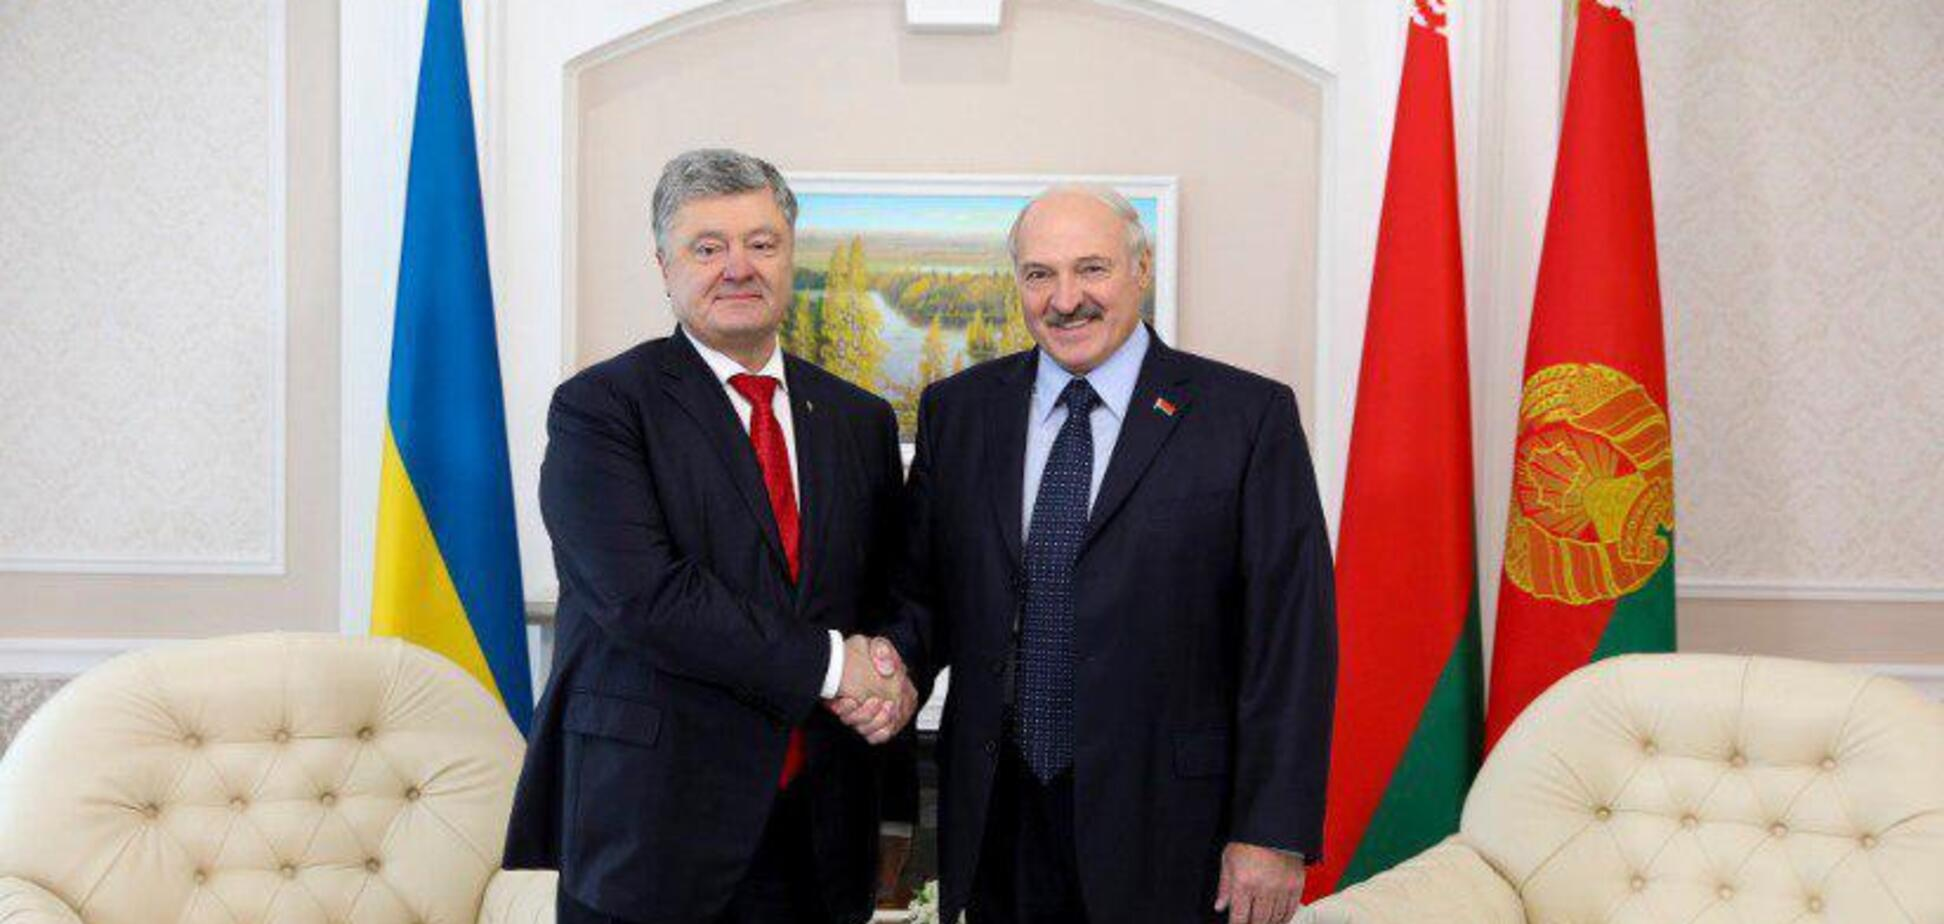 Беларусь готова включиться в конфликт на Донбассе: Лукашенко сделал громкое заявление